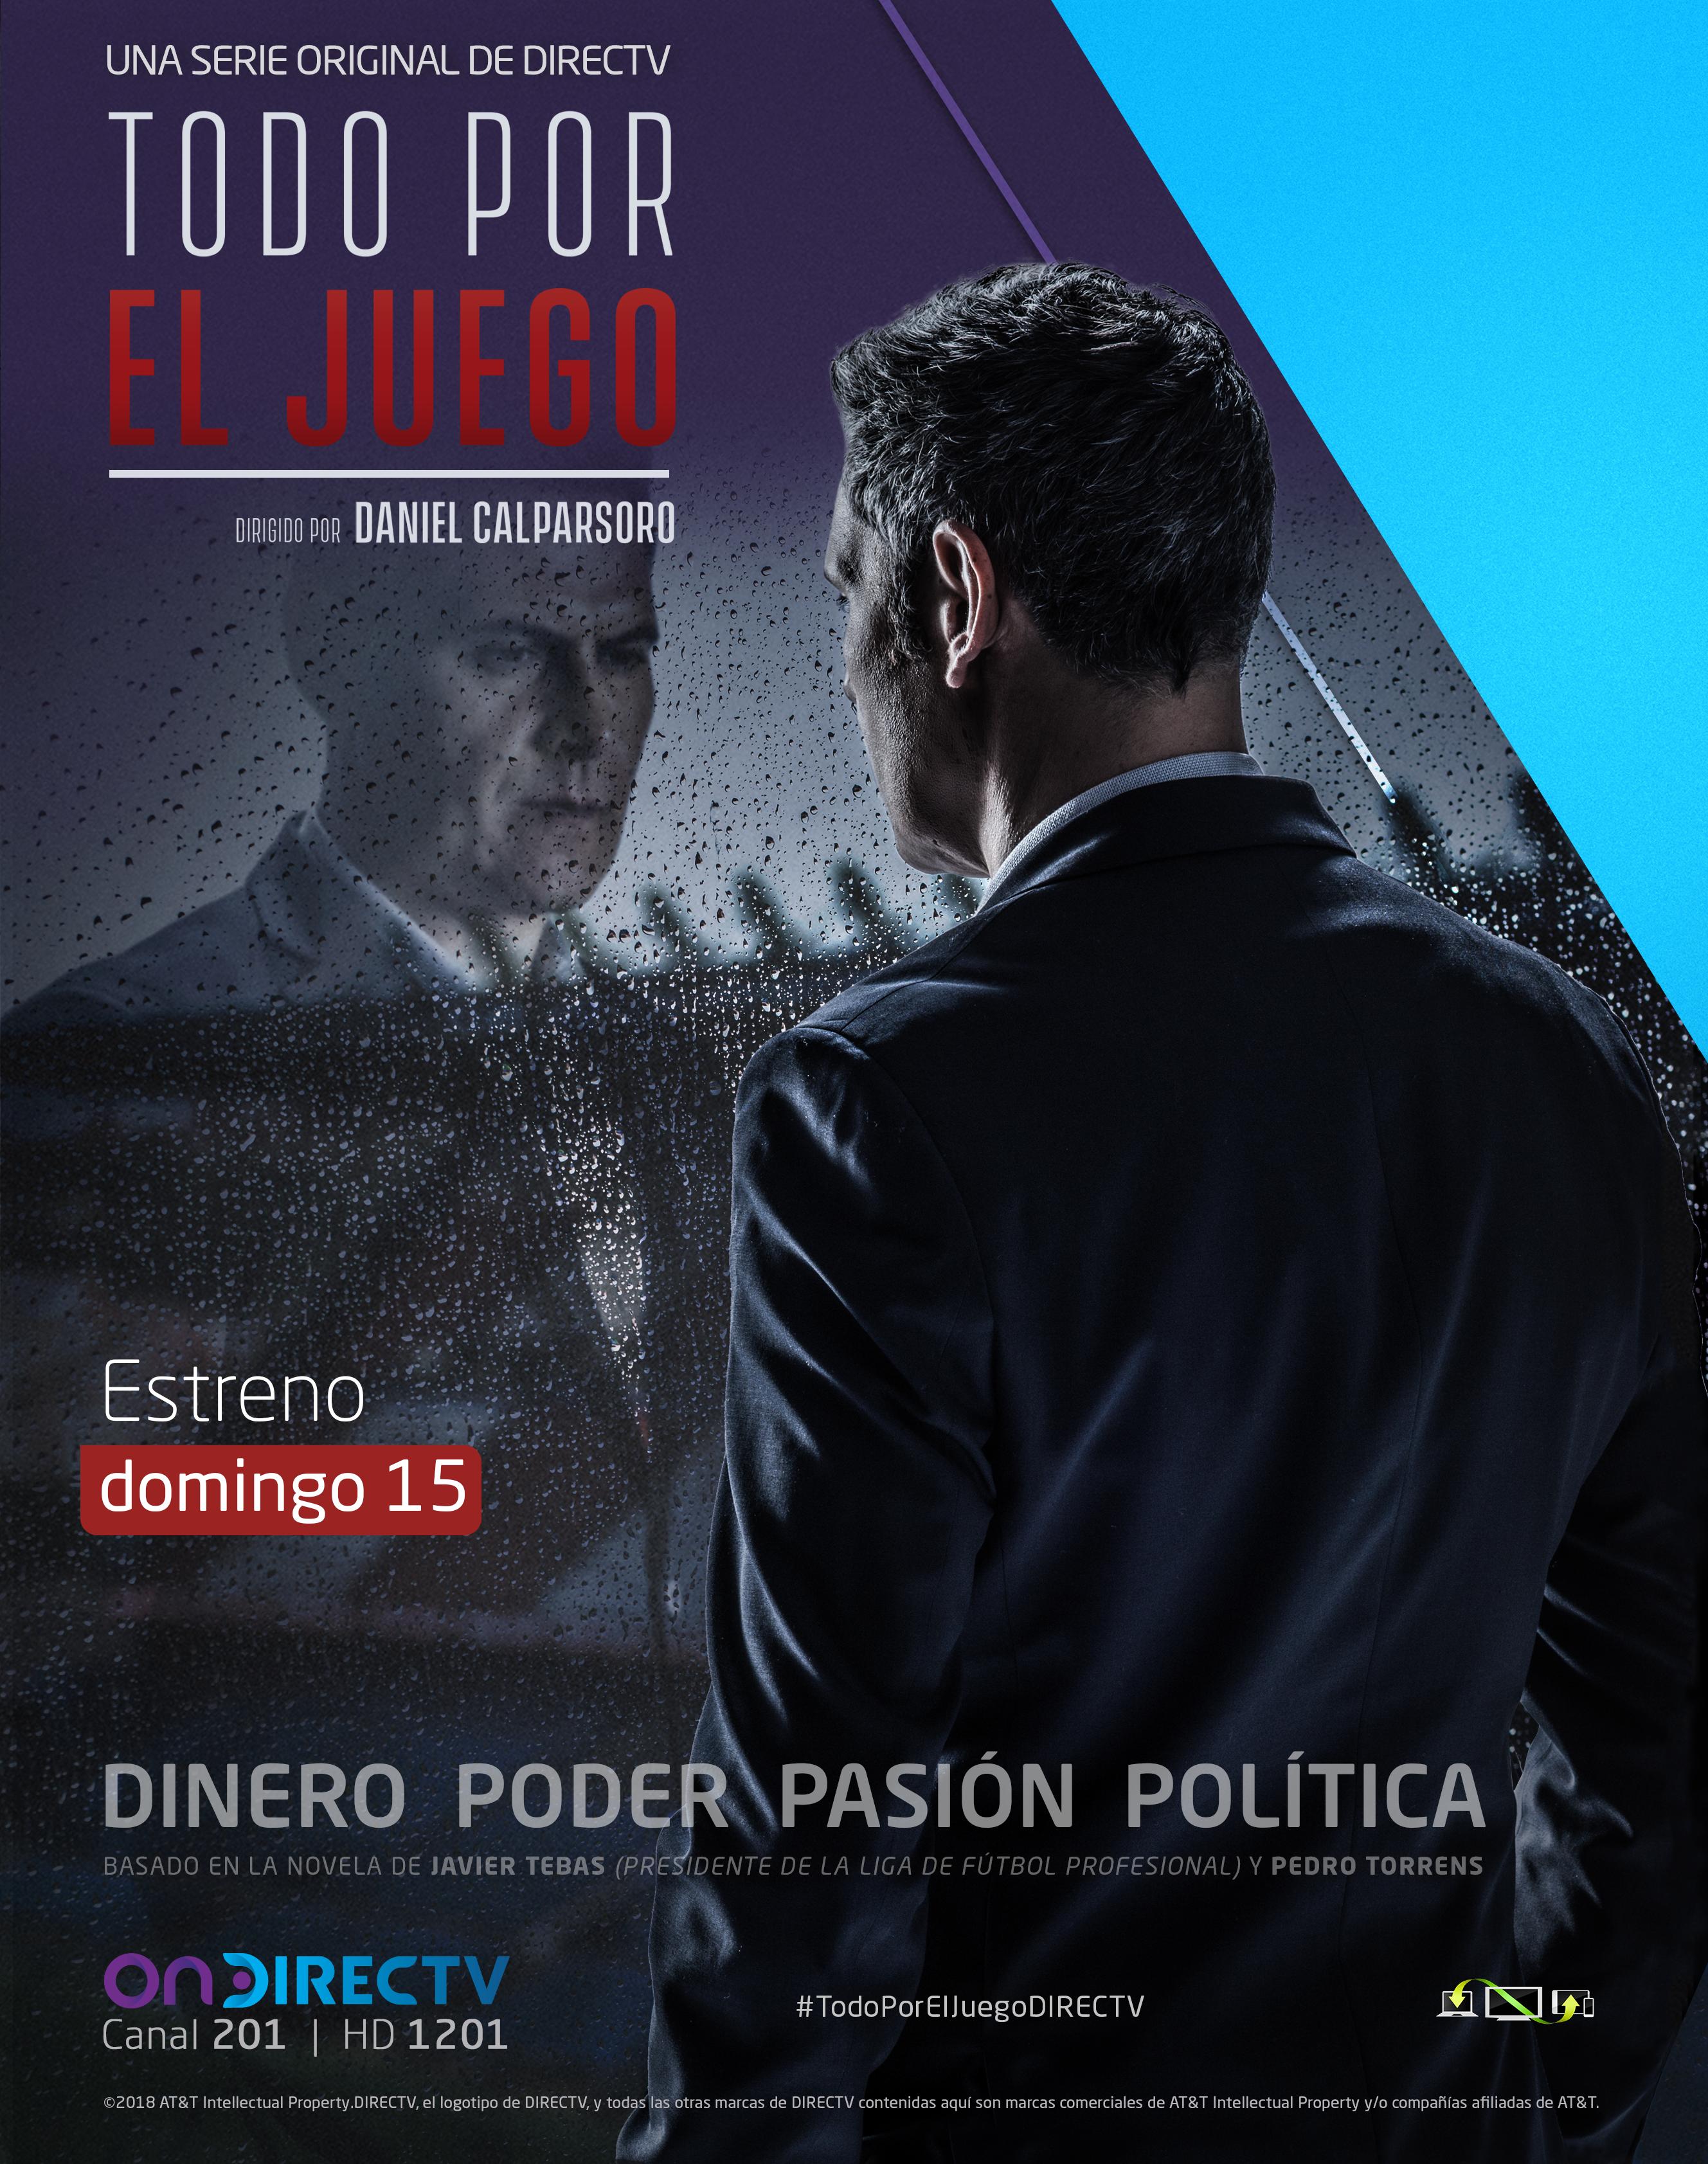 FP_Todo_por_el_juego